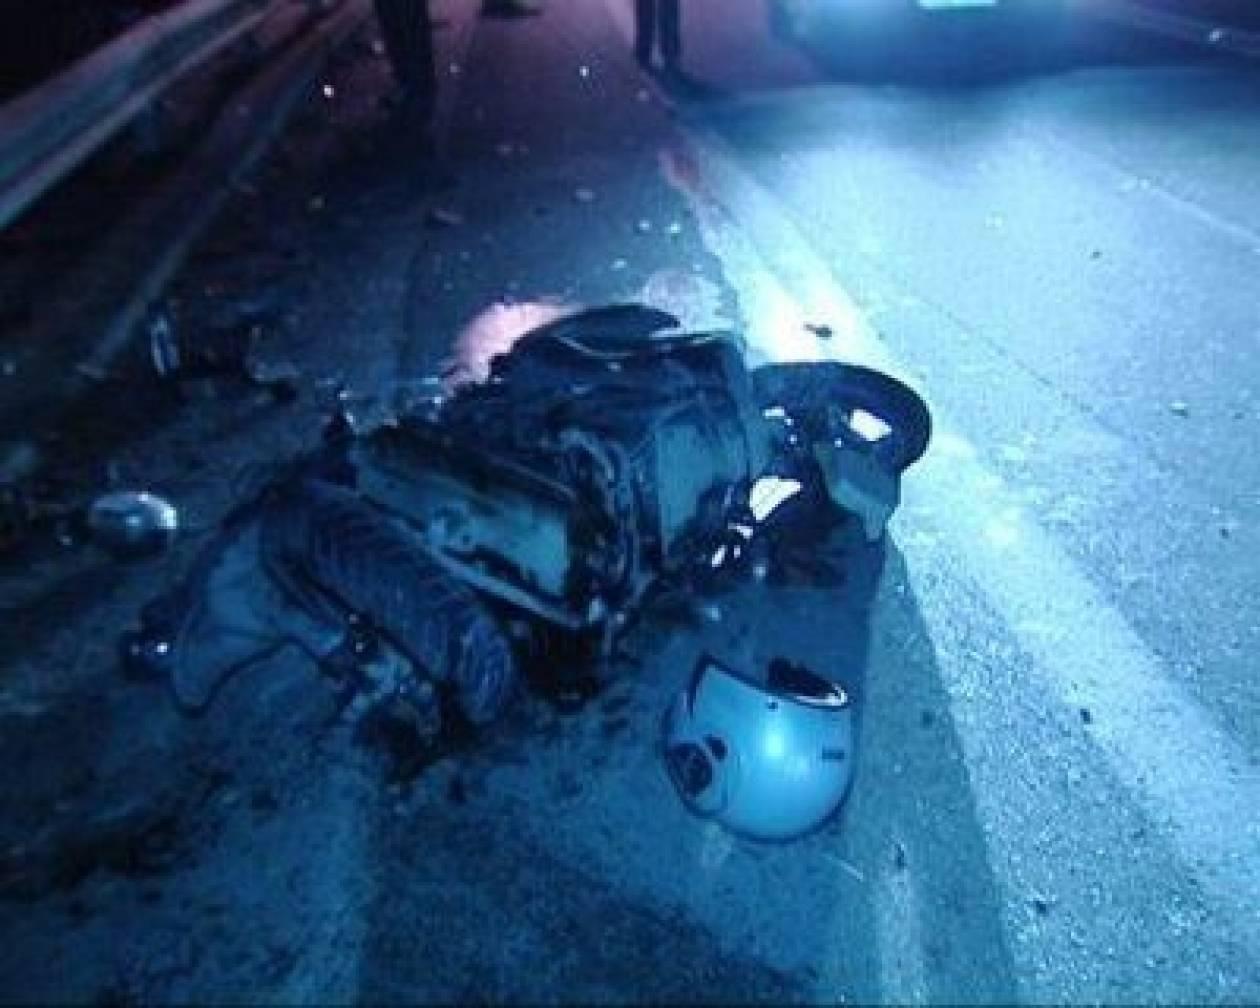 Ηράκλειο: 35χρονος σοβαρά τραυματίας από τροχαίο